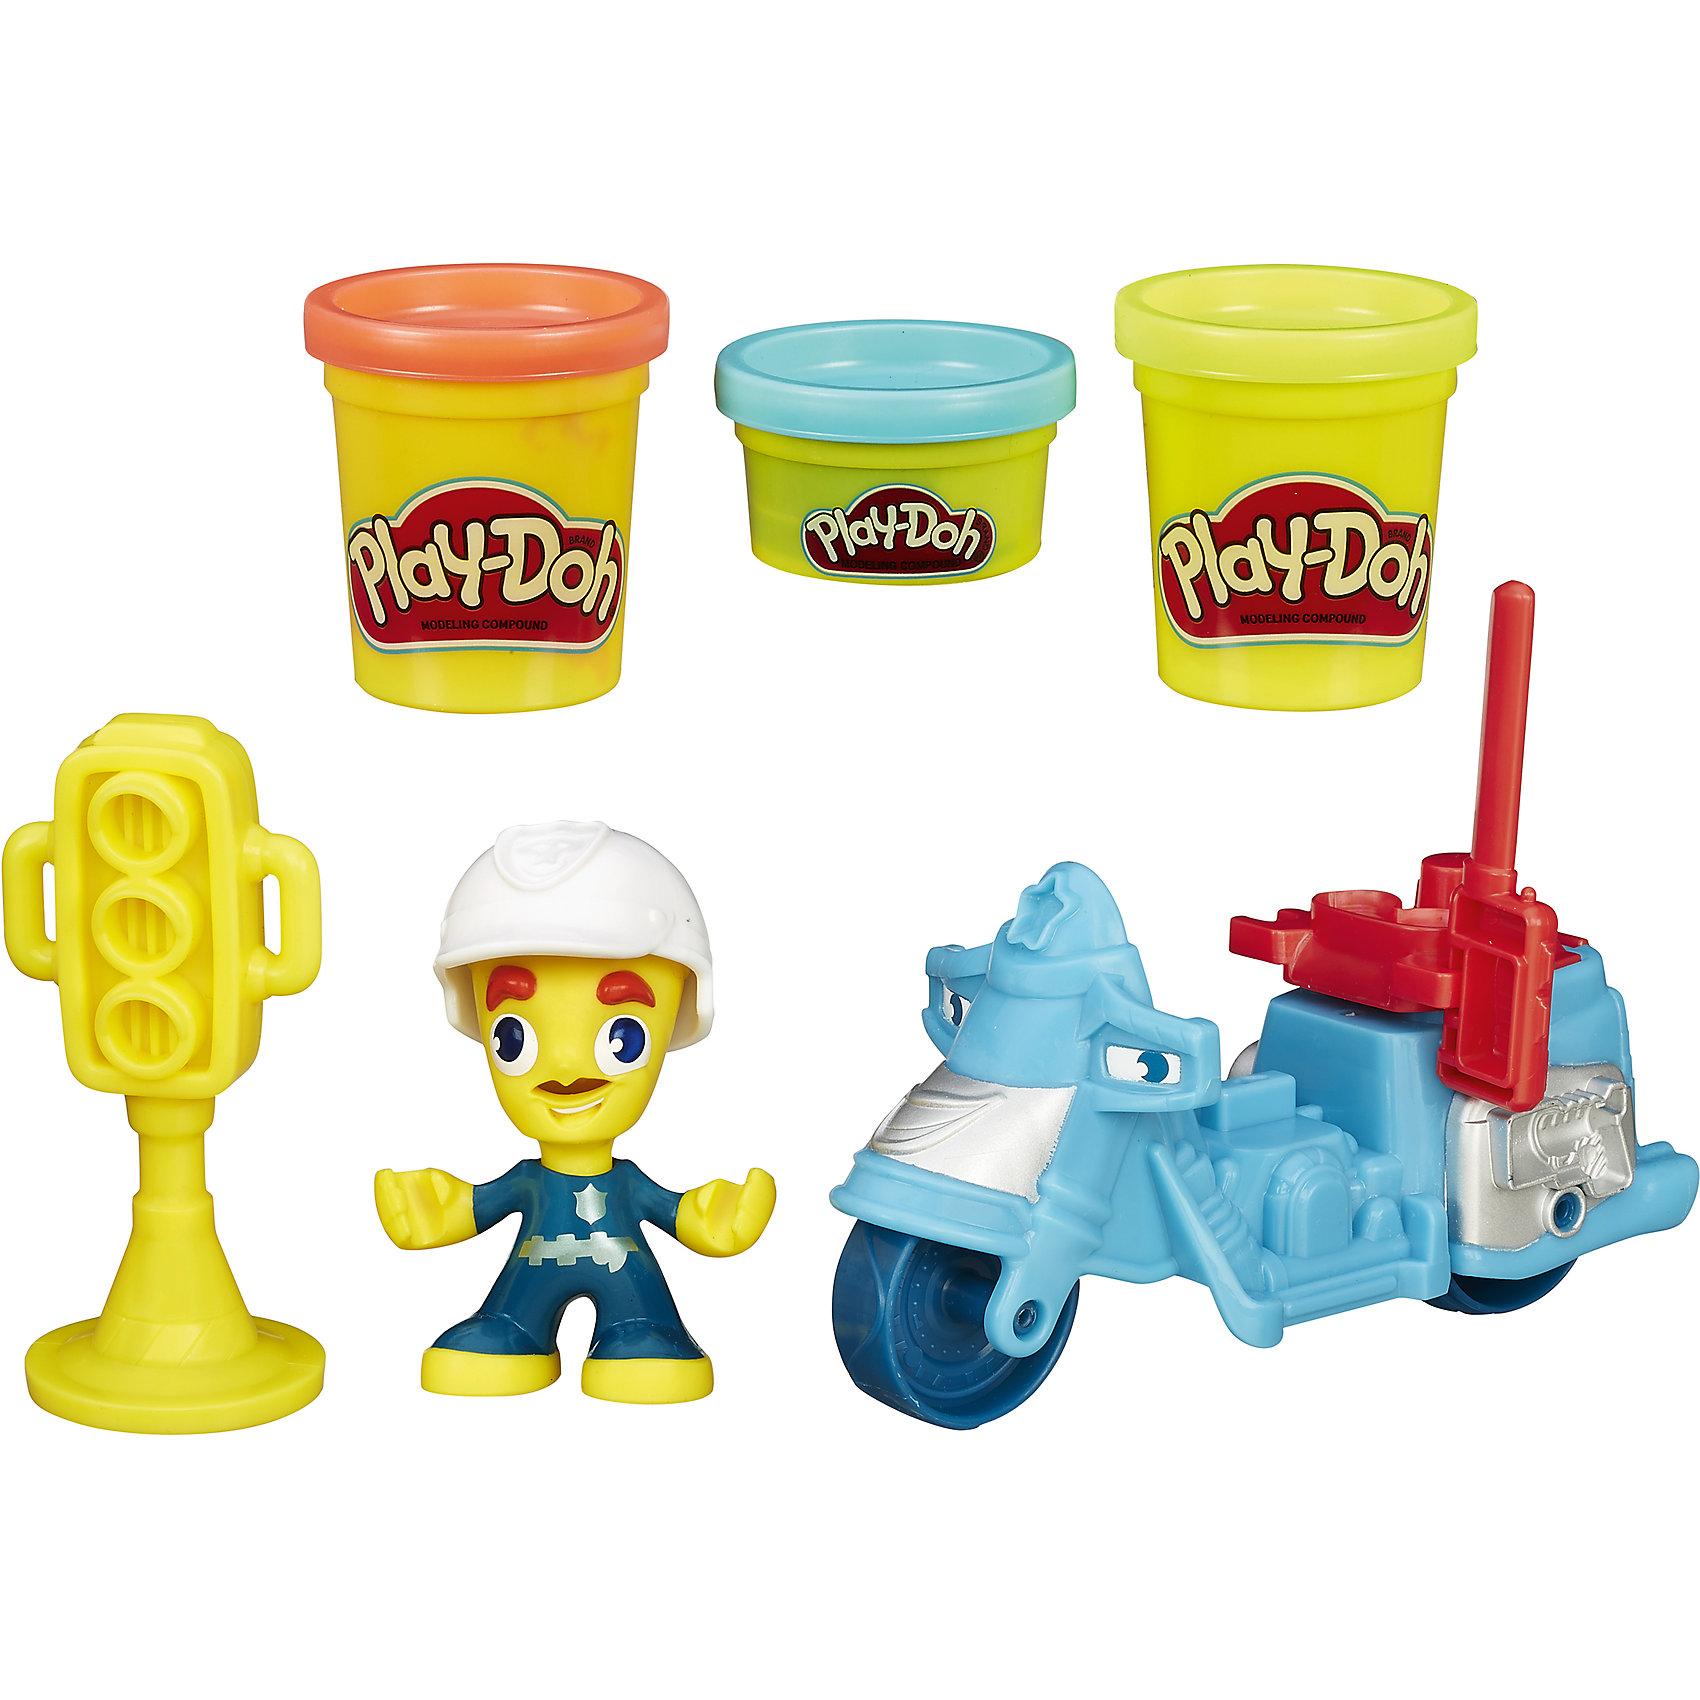 Hasbro Игровой набор Транспортные средства, #1 (синий), Play-Doh Город